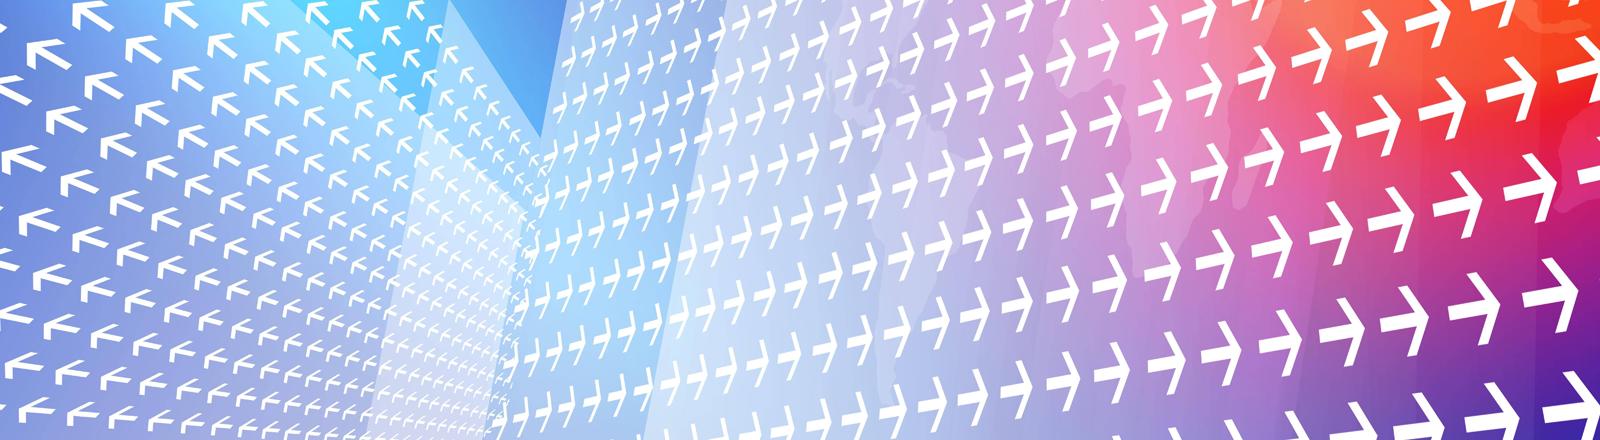 Pfeile auf bunten Flächen, die in verschiedene Richtungen zeigen